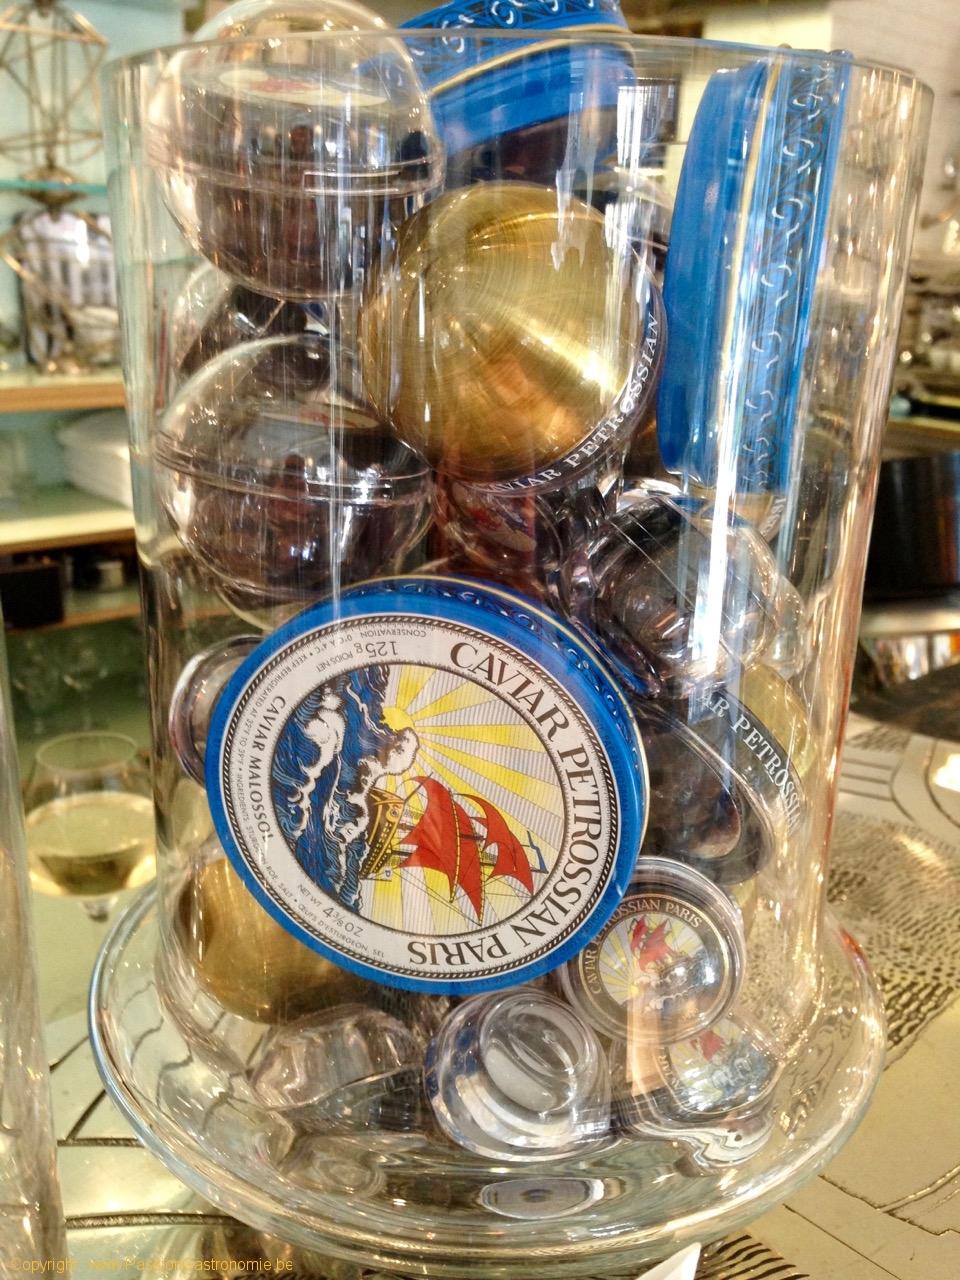 Brasserie Toucan Sur Mer - Caviar Petrossian